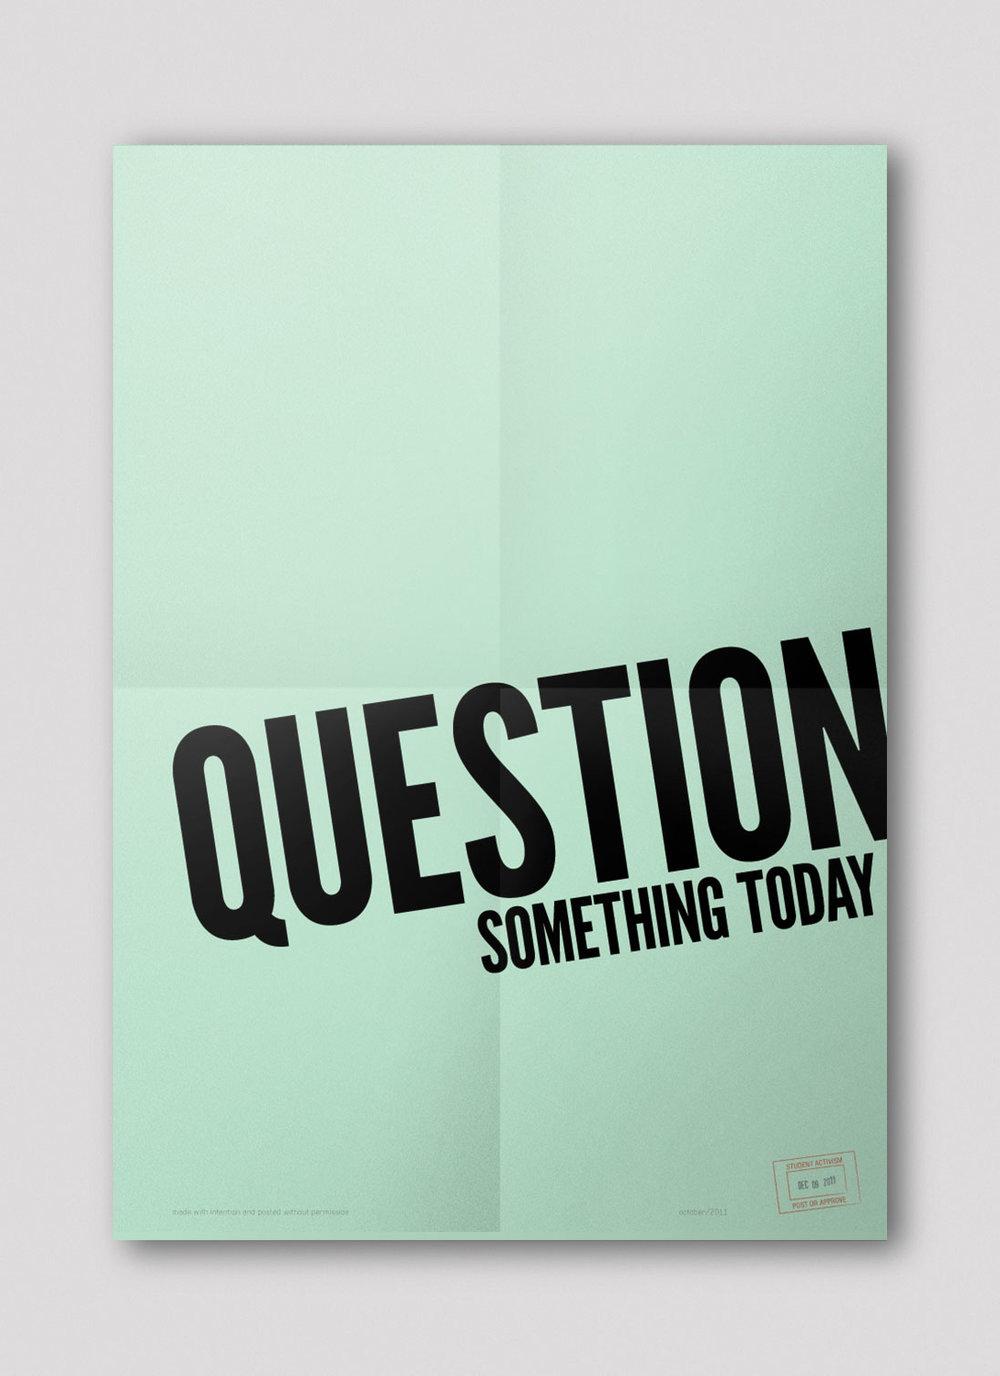 111107-questionsomething.jpg